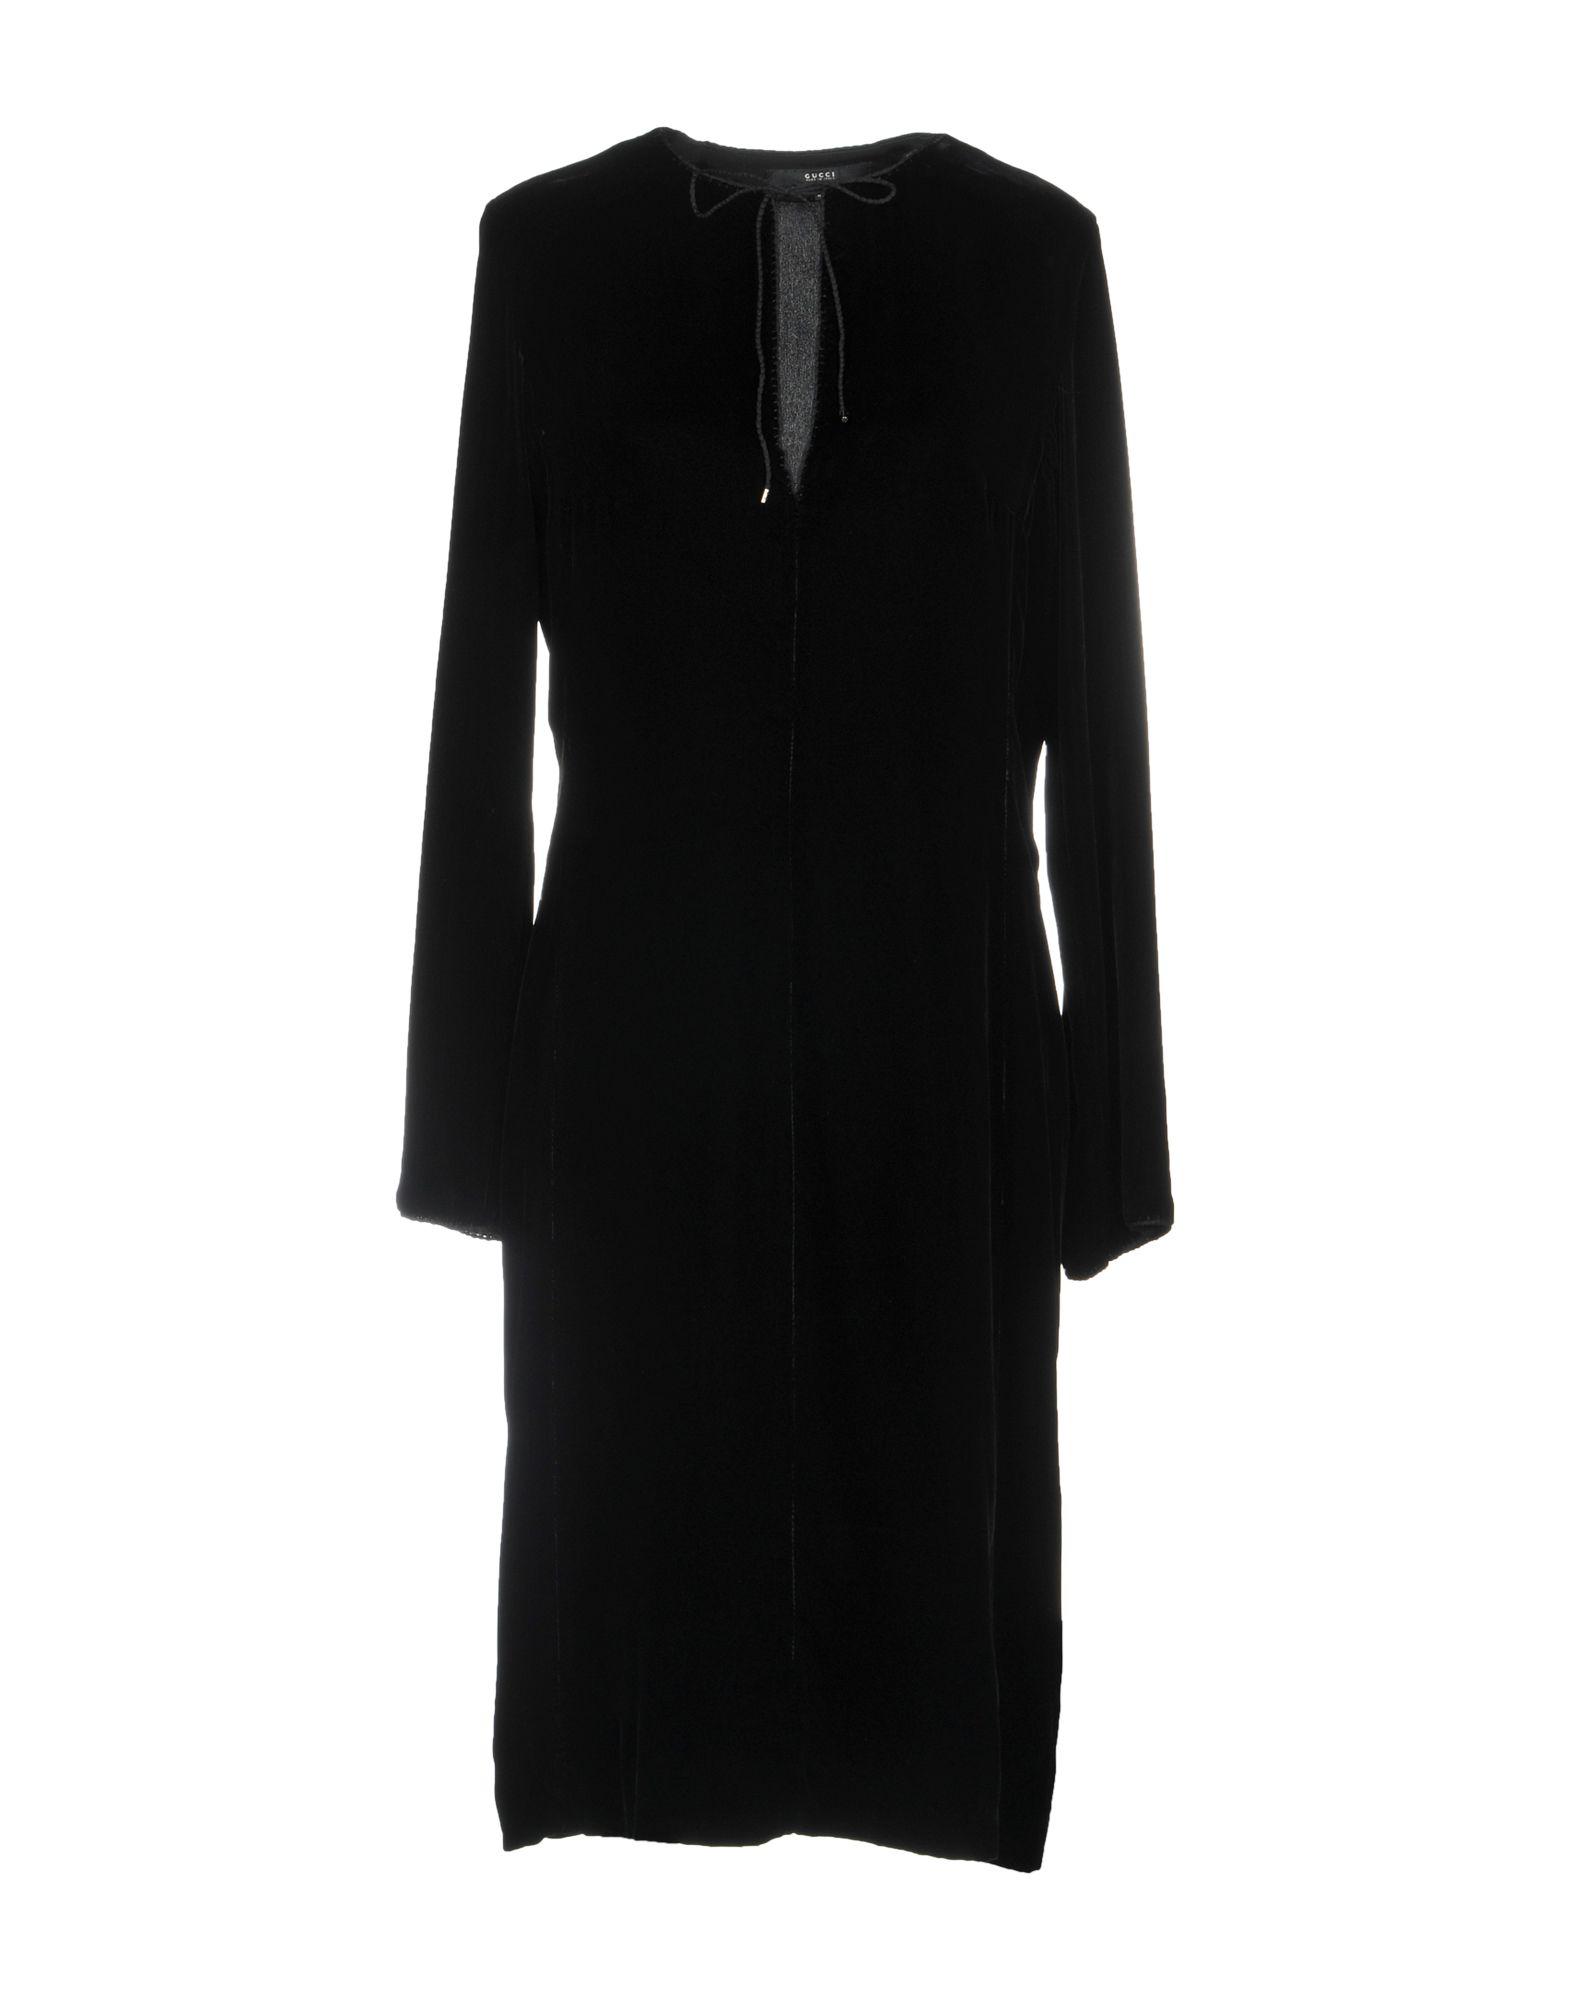 GUCCI Damen Knielanges Kleid Farbe Schwarz Größe 4